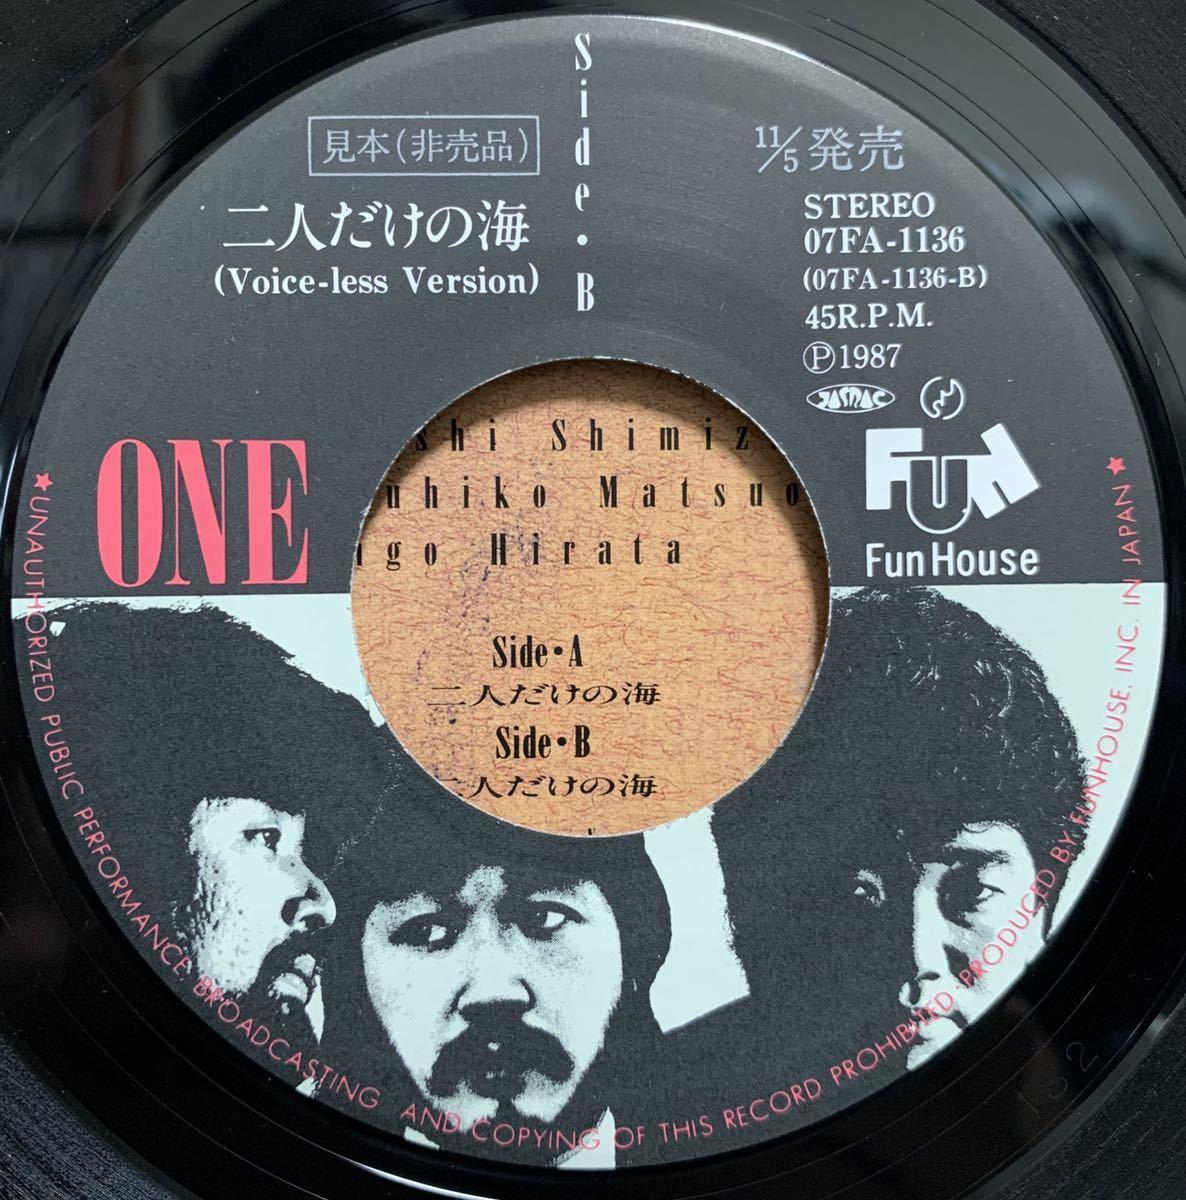 【EP】【7インチレコード】激レア 87年 非売品 見本盤 ONE / 二人だけの海 CD移行期 和モノ_画像5